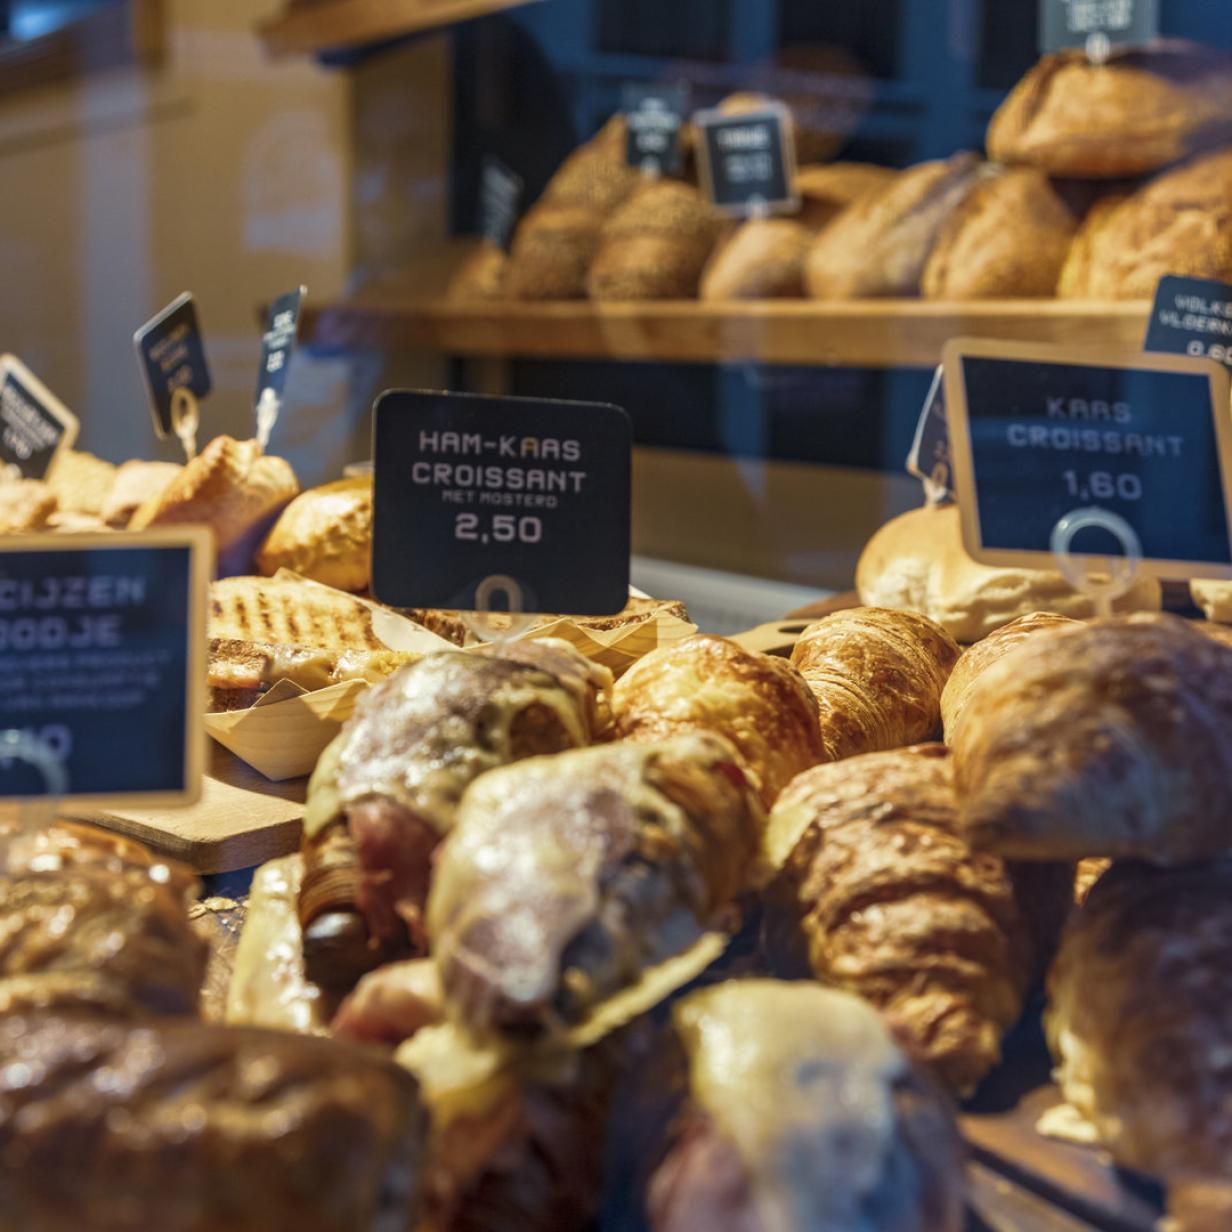 Großbuchstaben auf Preistafel: Bäcker soll 25.000 Euro Strafe zahlen